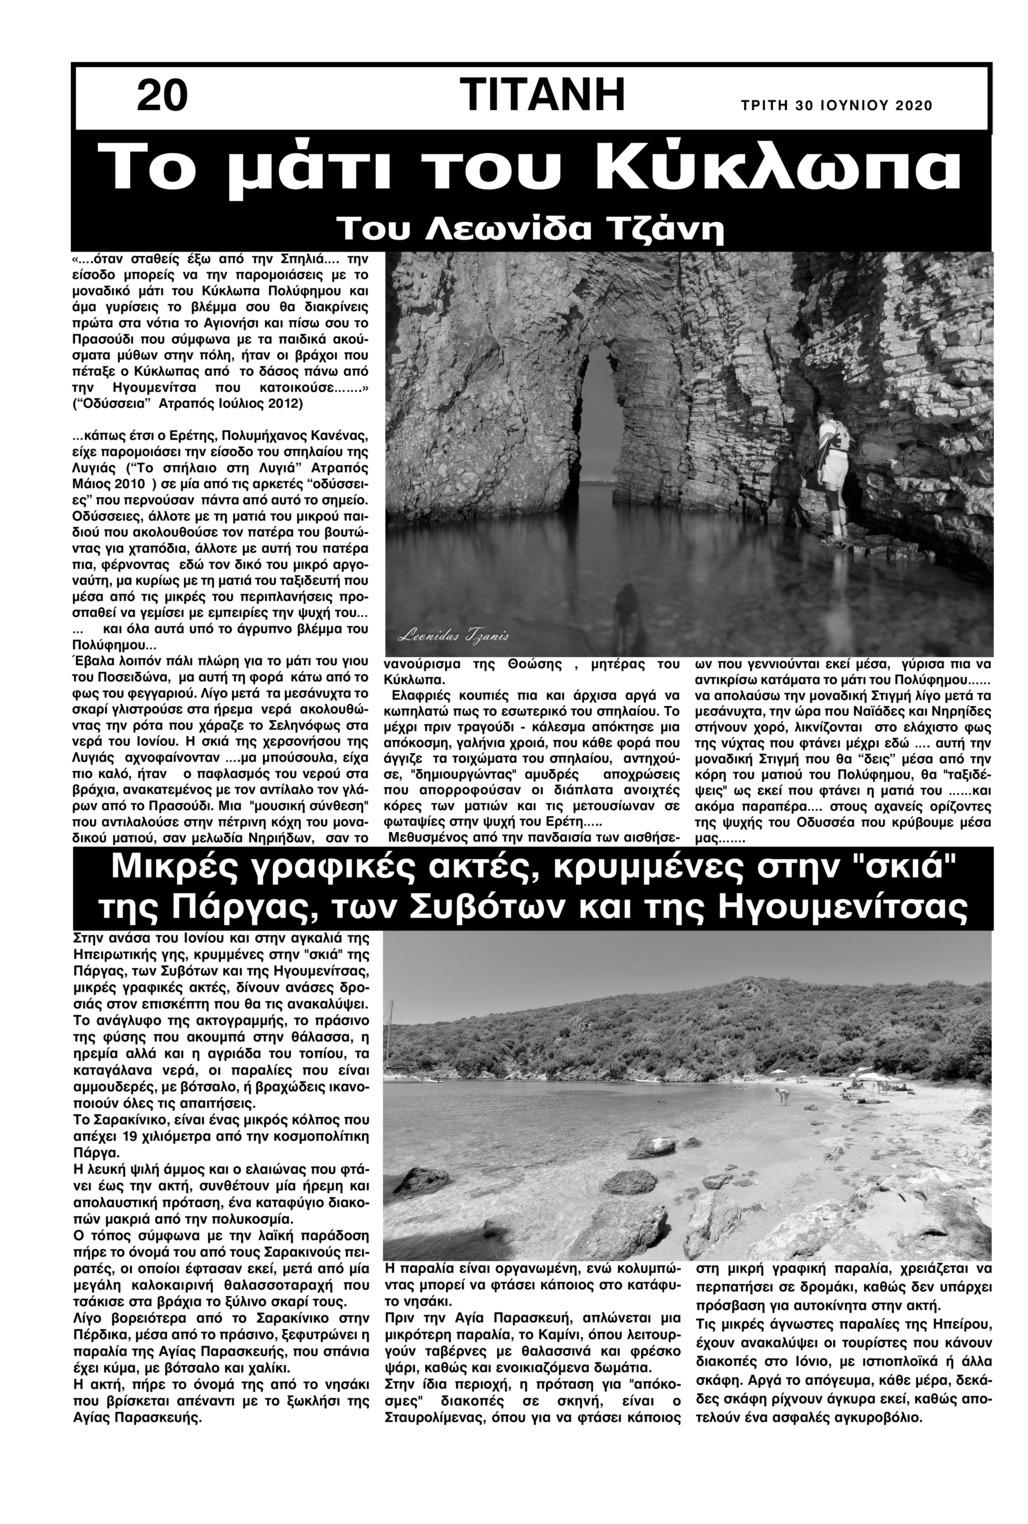 Οπισθόφυλλο εφημερίδας Τιτάνη